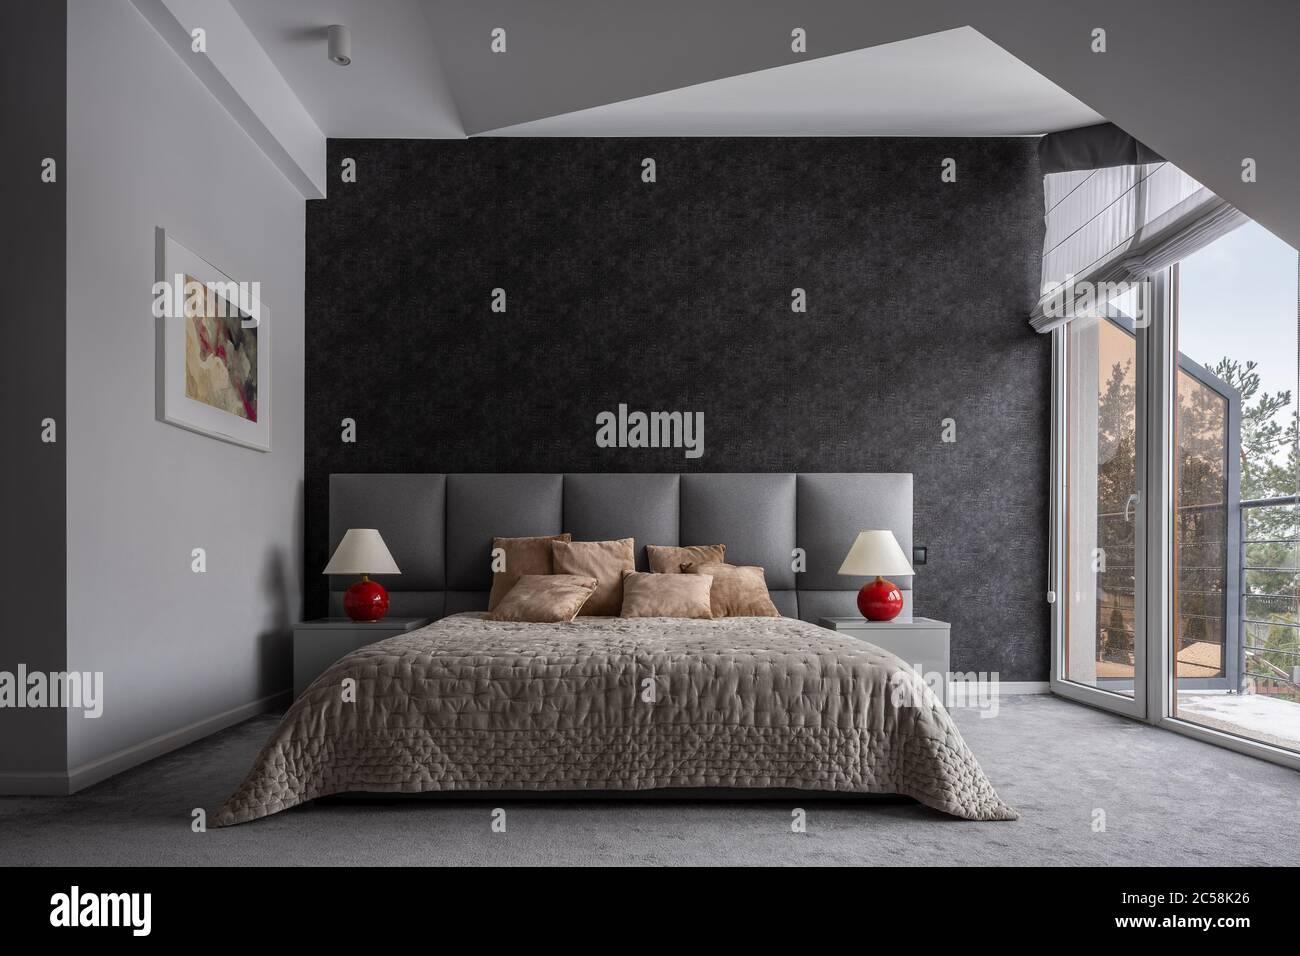 Rote Tapete Schlafzimmer Stockfotos Und Bilder Kaufen Alamy